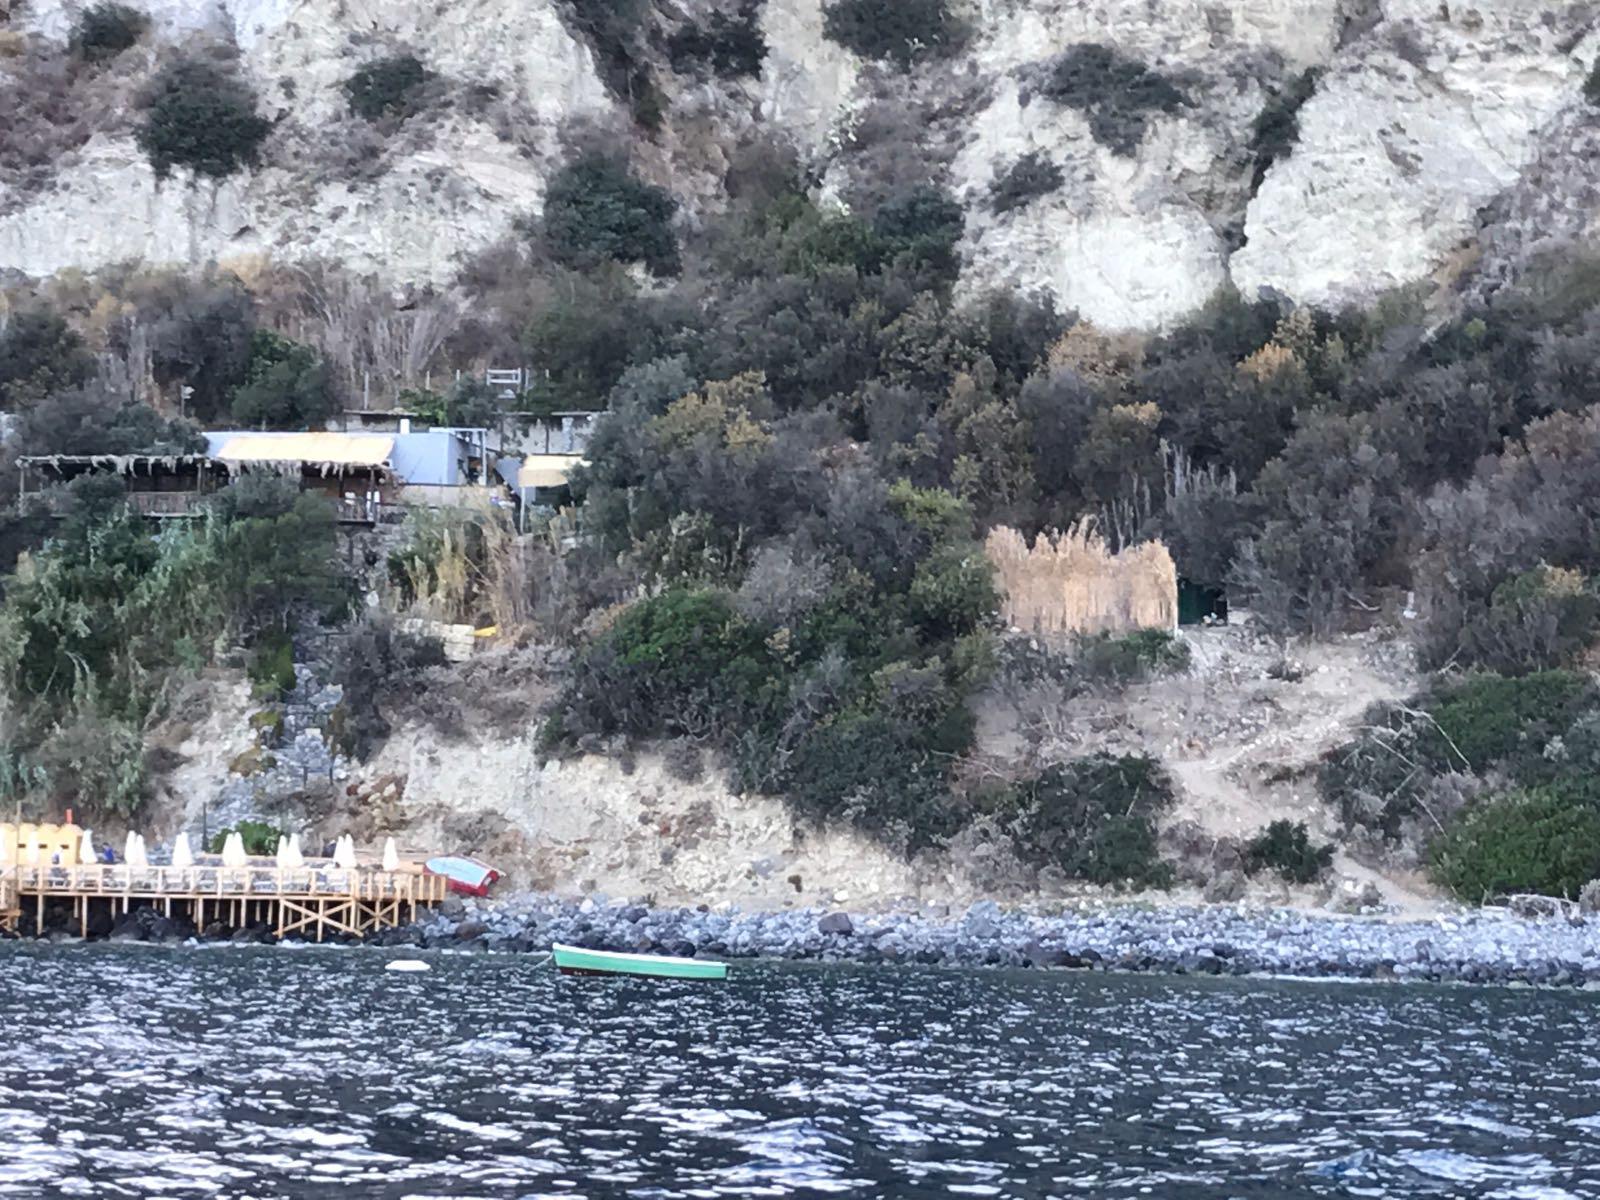 Guardia Costiera in azione, sequestrate aree attigue al ristorante alla Scarrupata